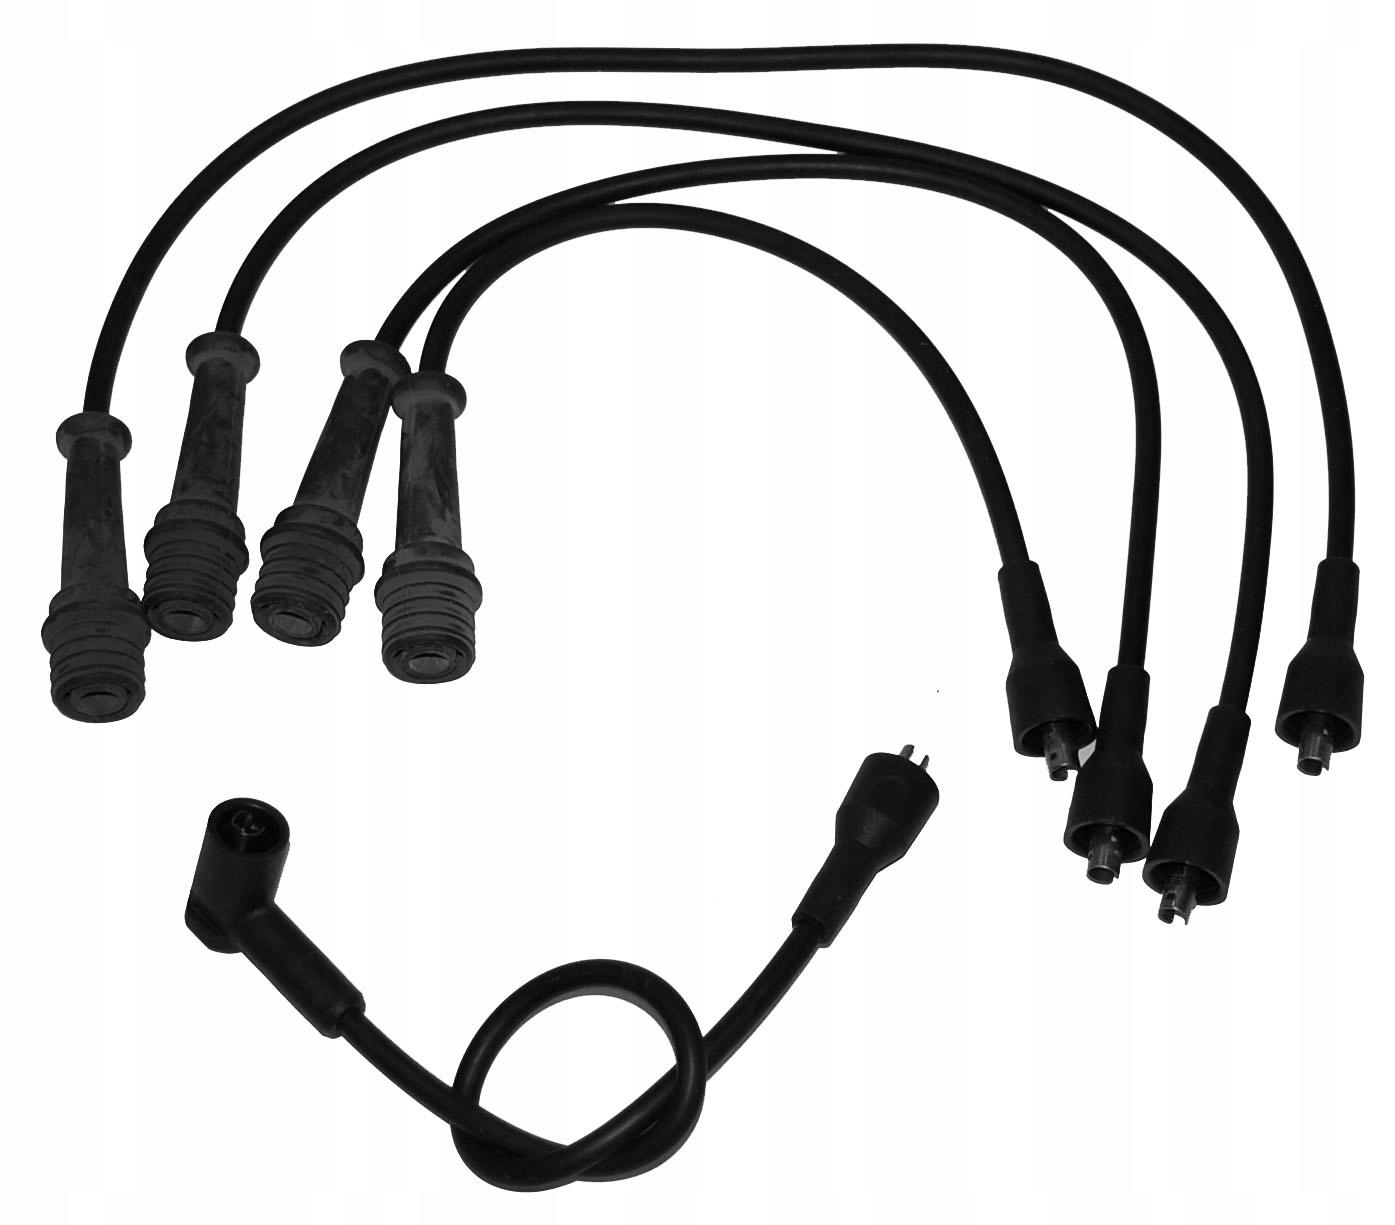 Cable de encendido Sentech 8062 Wire wound